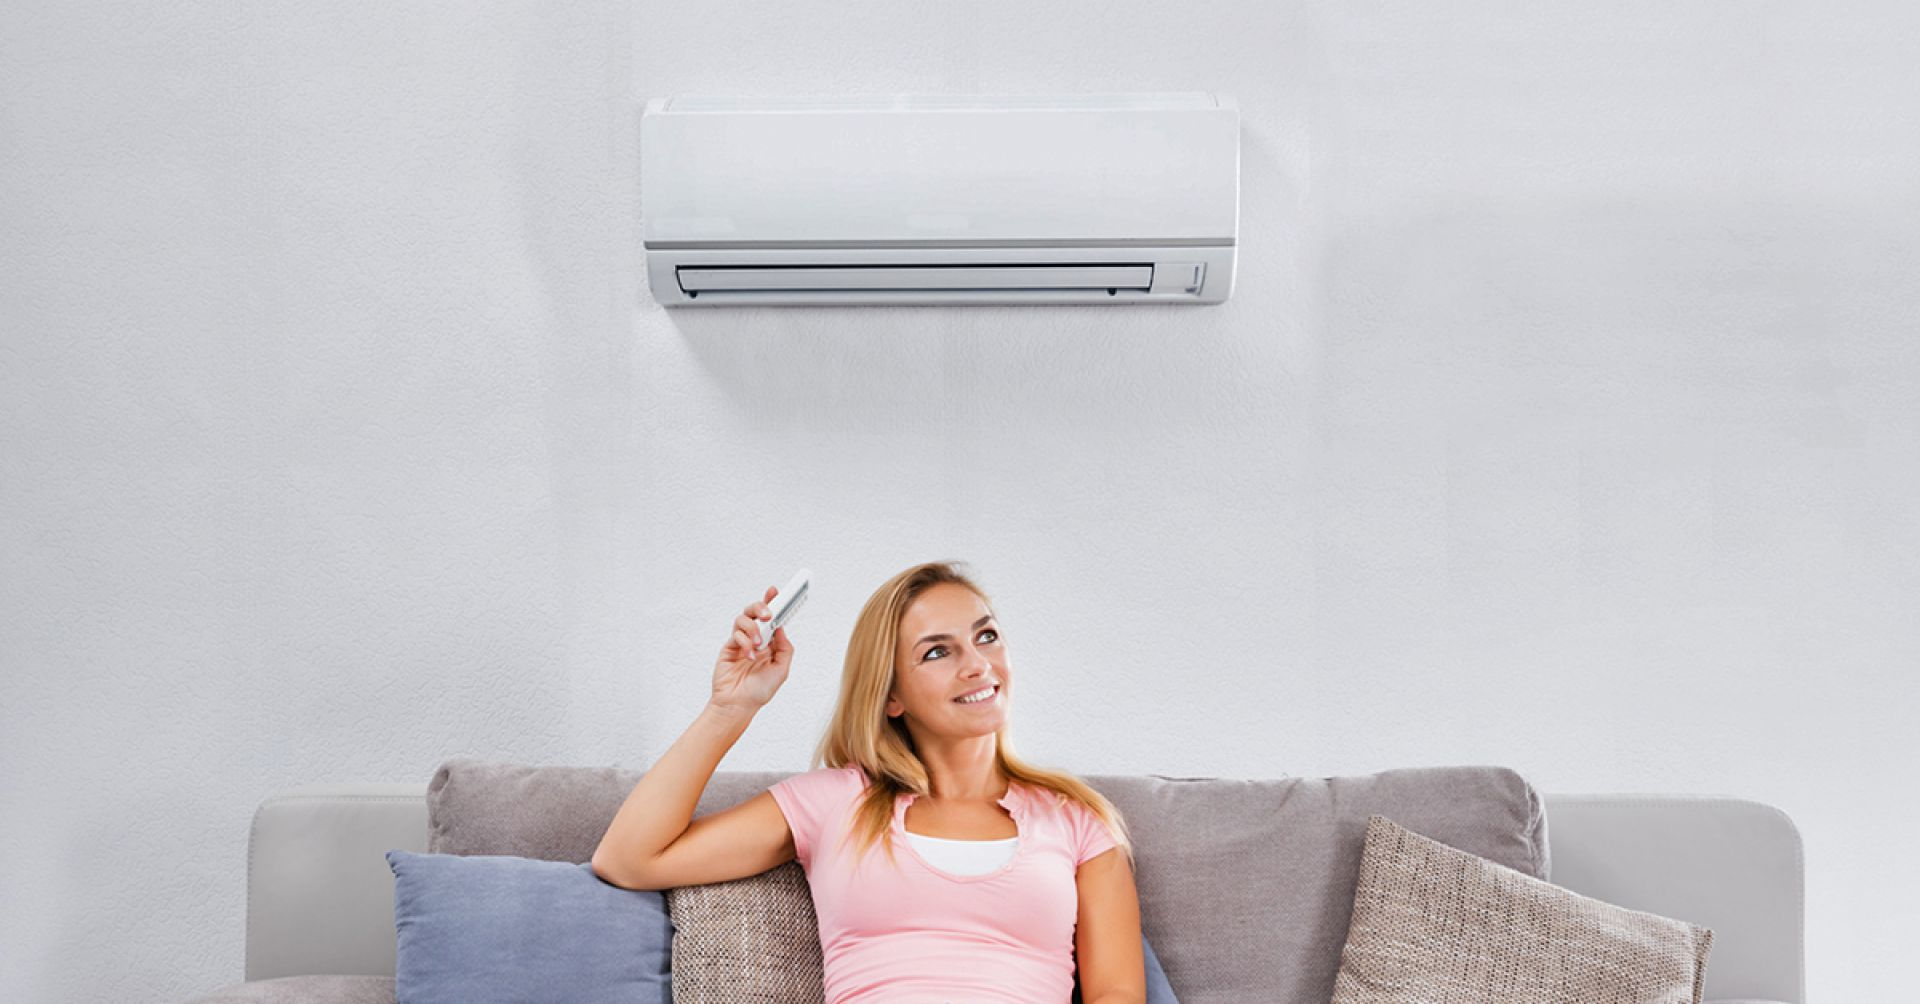 Sposób na upał w mieszkaniu - klimatyzacja. Fot. Dako